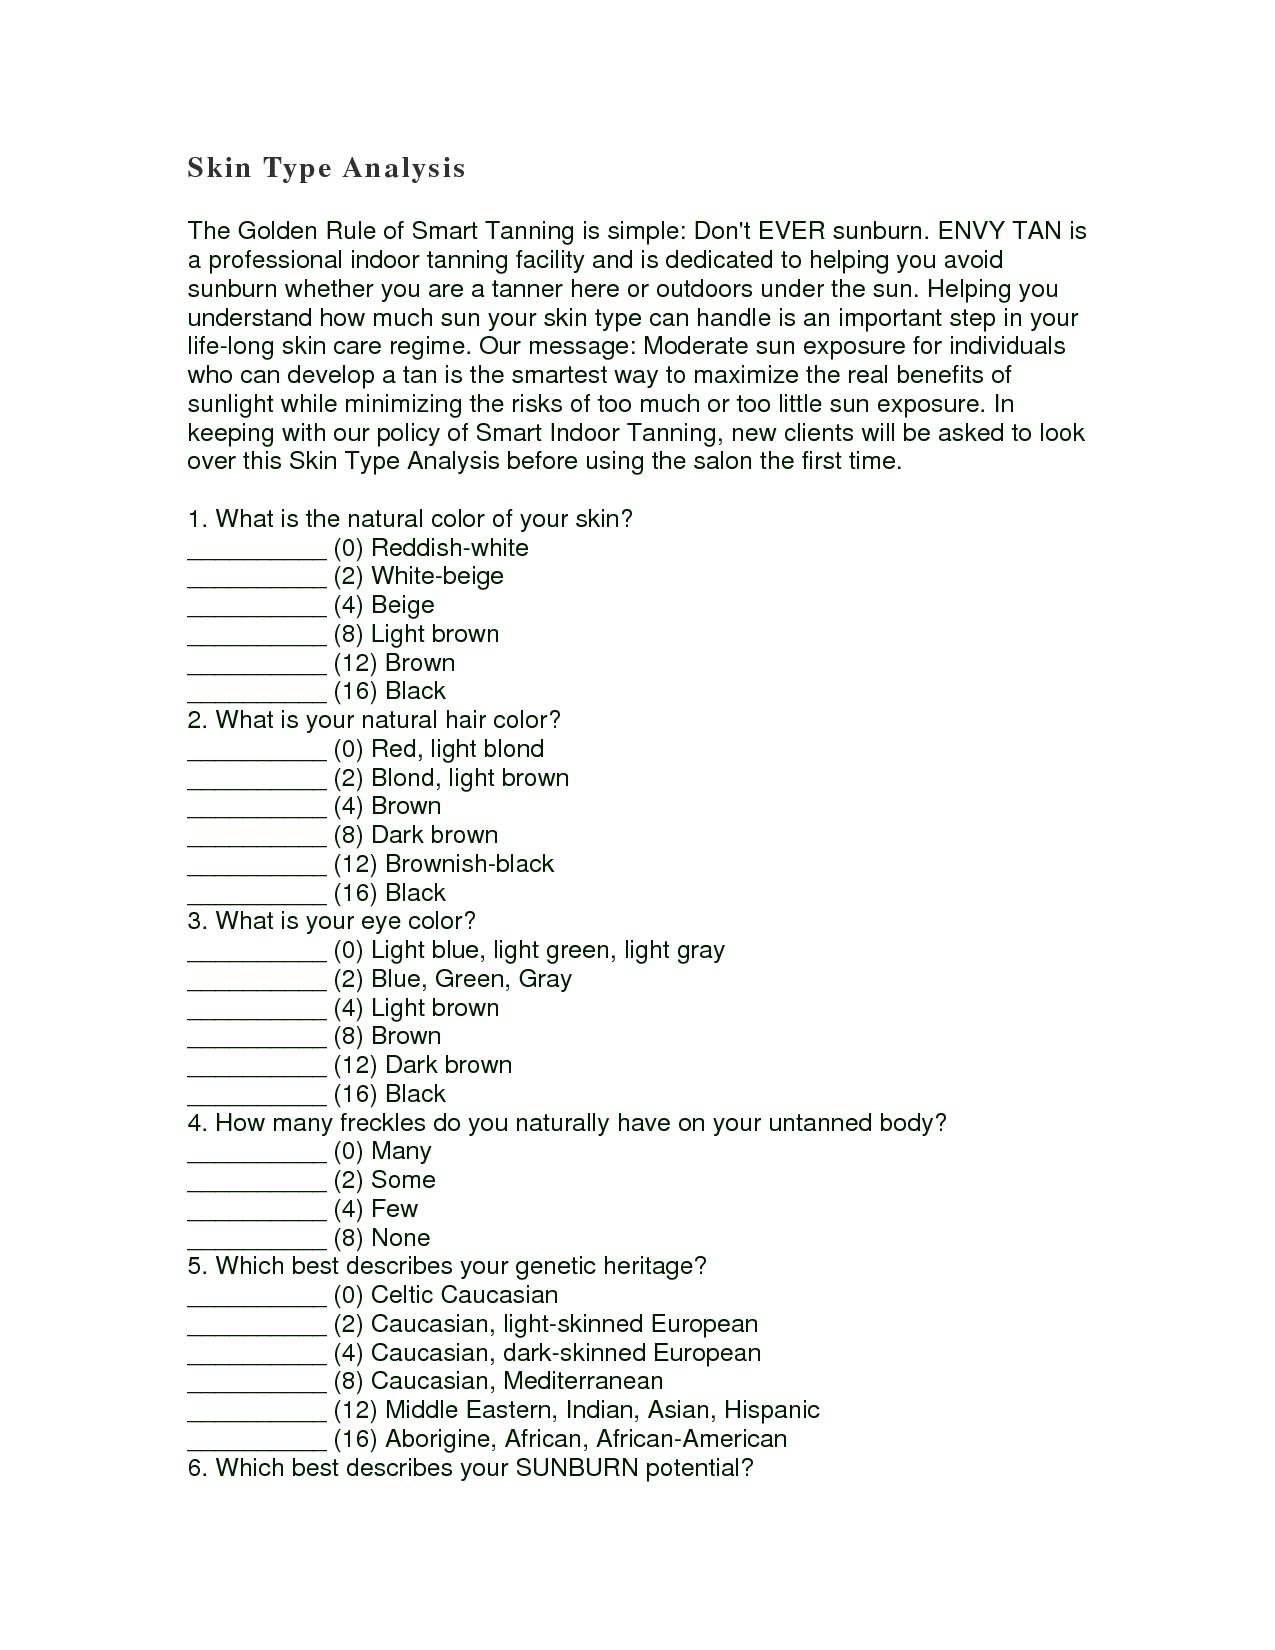 Fitzpatrick Skin Type Worksheet Skin Type Analysis